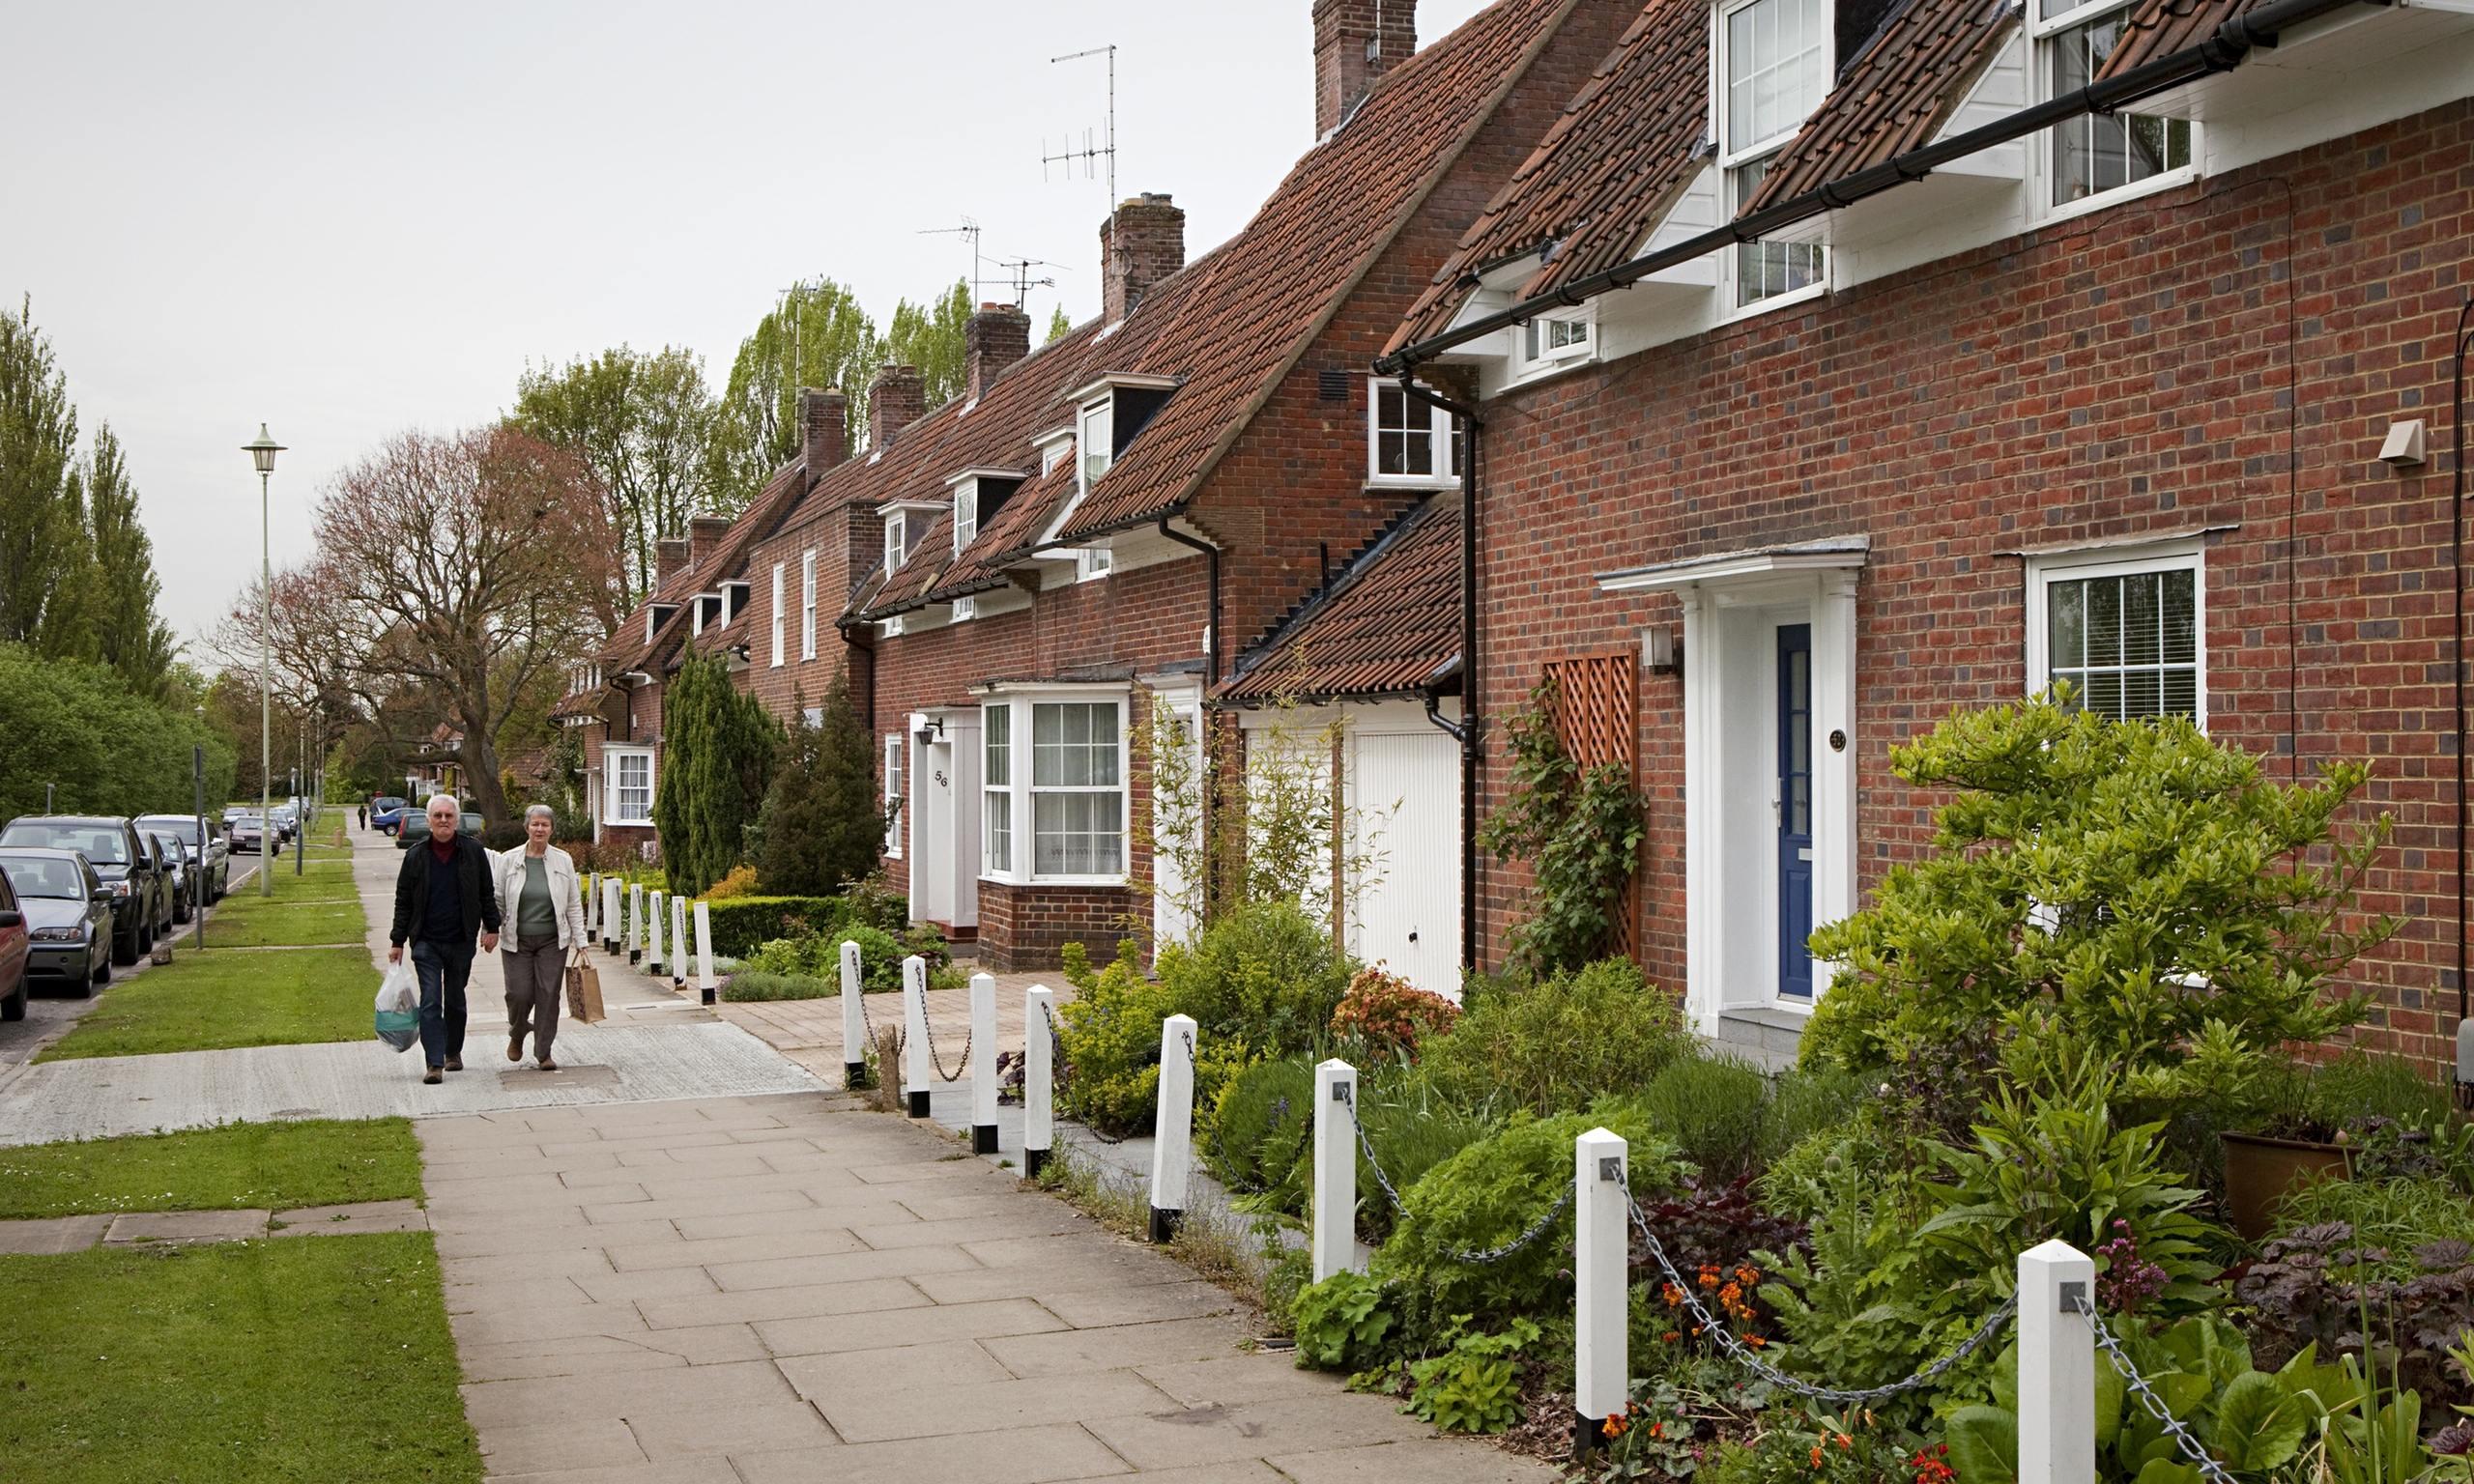 Landscape Welwyn Garden City : Not all is rosy in the garden city guardianletters